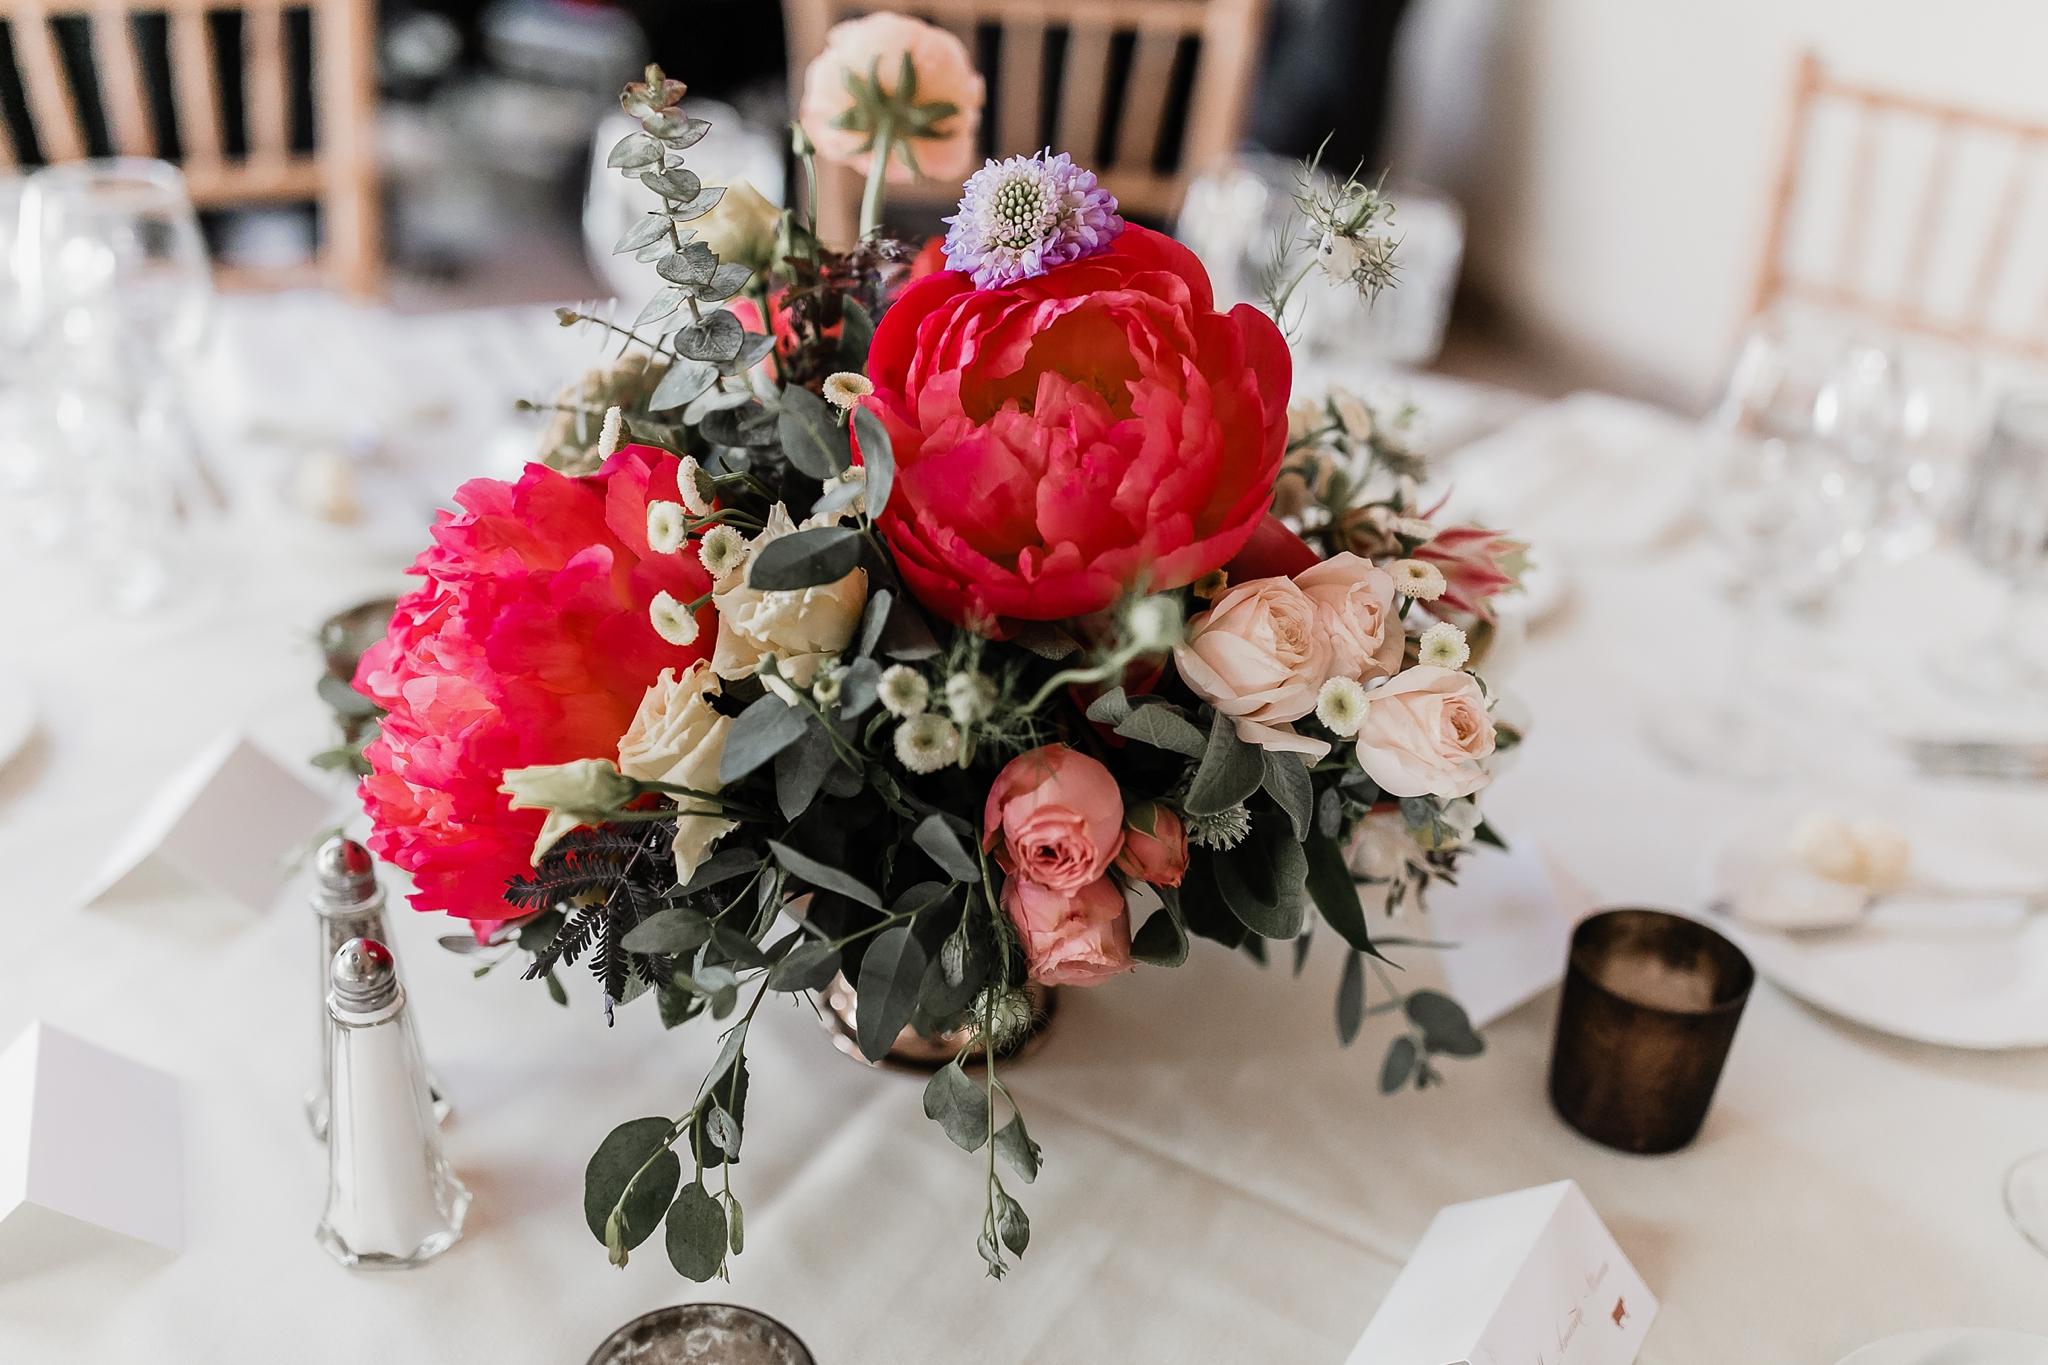 Alicia+lucia+photography+-+albuquerque+wedding+photographer+-+santa+fe+wedding+photography+-+new+mexico+wedding+photographer+-+new+mexico+wedding+-+summer+wedding+-+summer+wedding+florals+-+southwest+wedding_0046.jpg